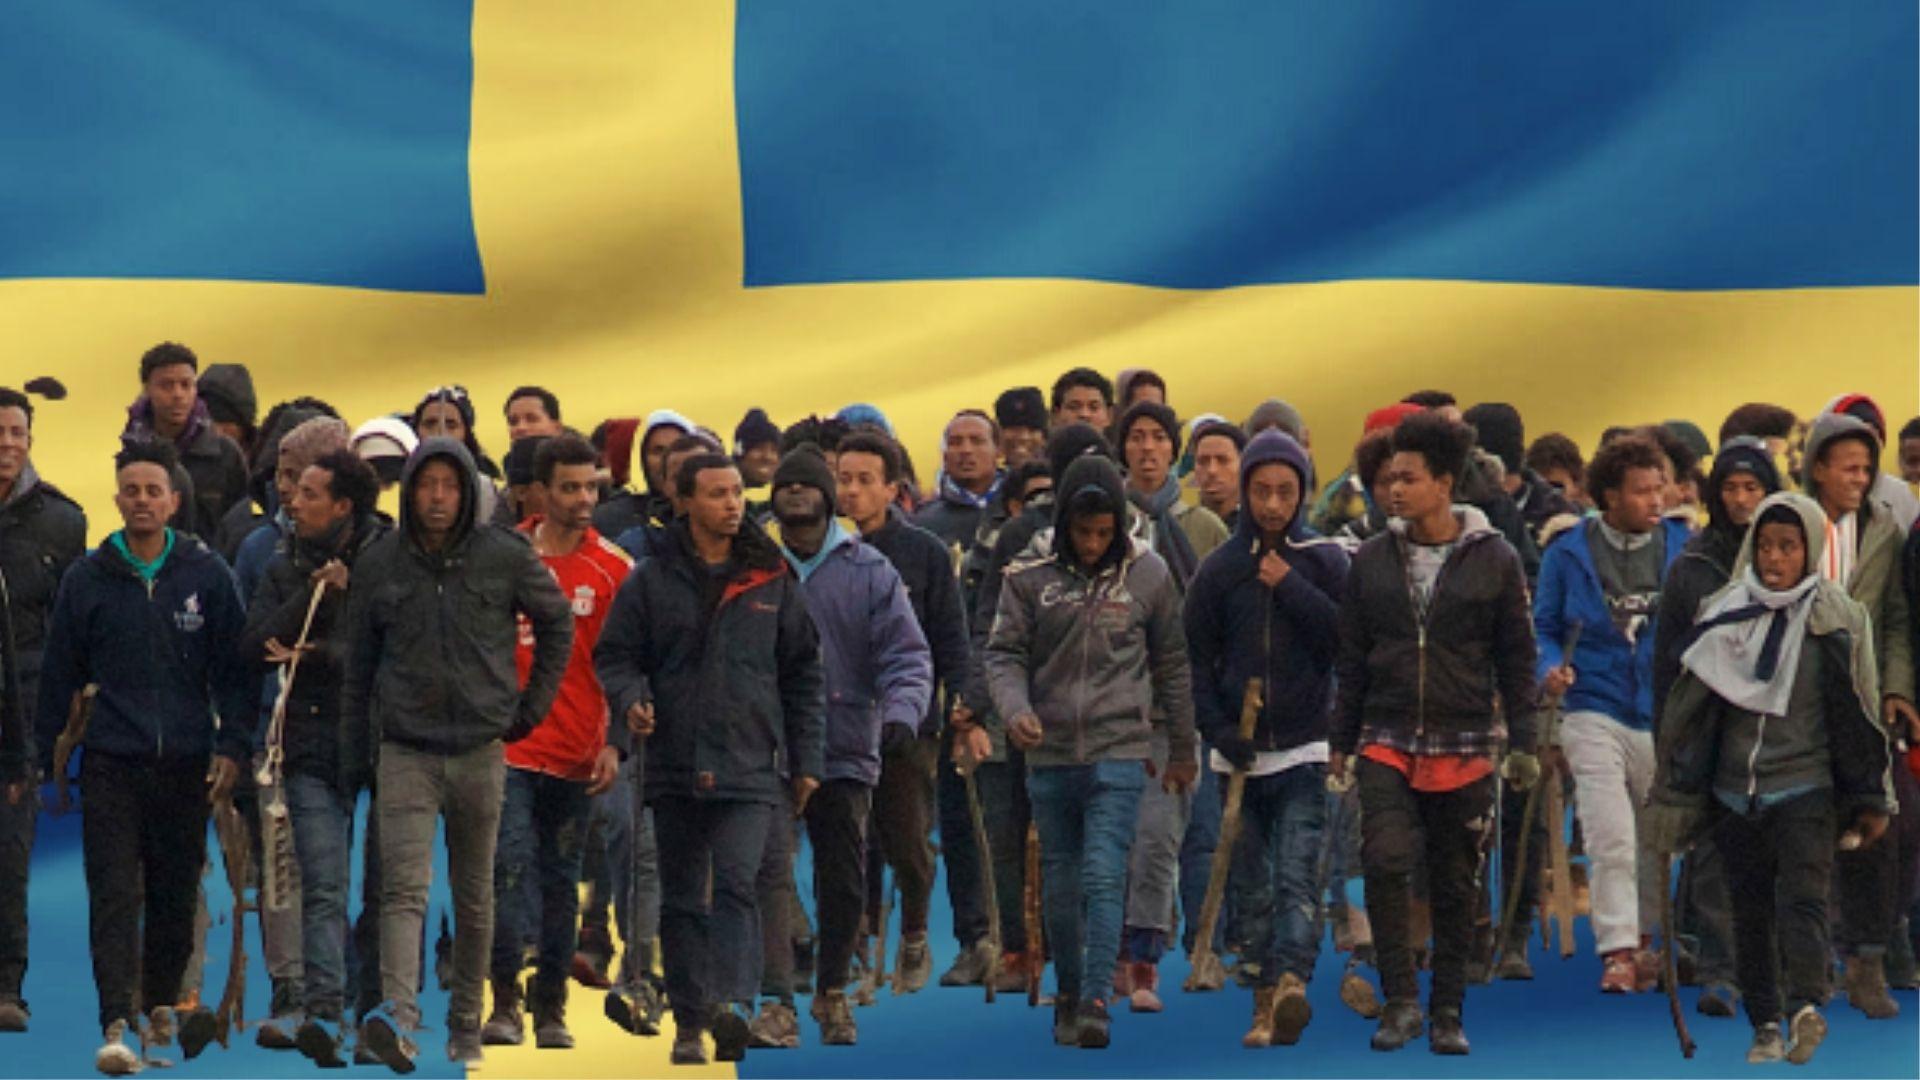 Žadatelé o azyl nepotřebují pro vstup do Švédska negativní test na COVID-19, ostatní cizinci ho mít musí